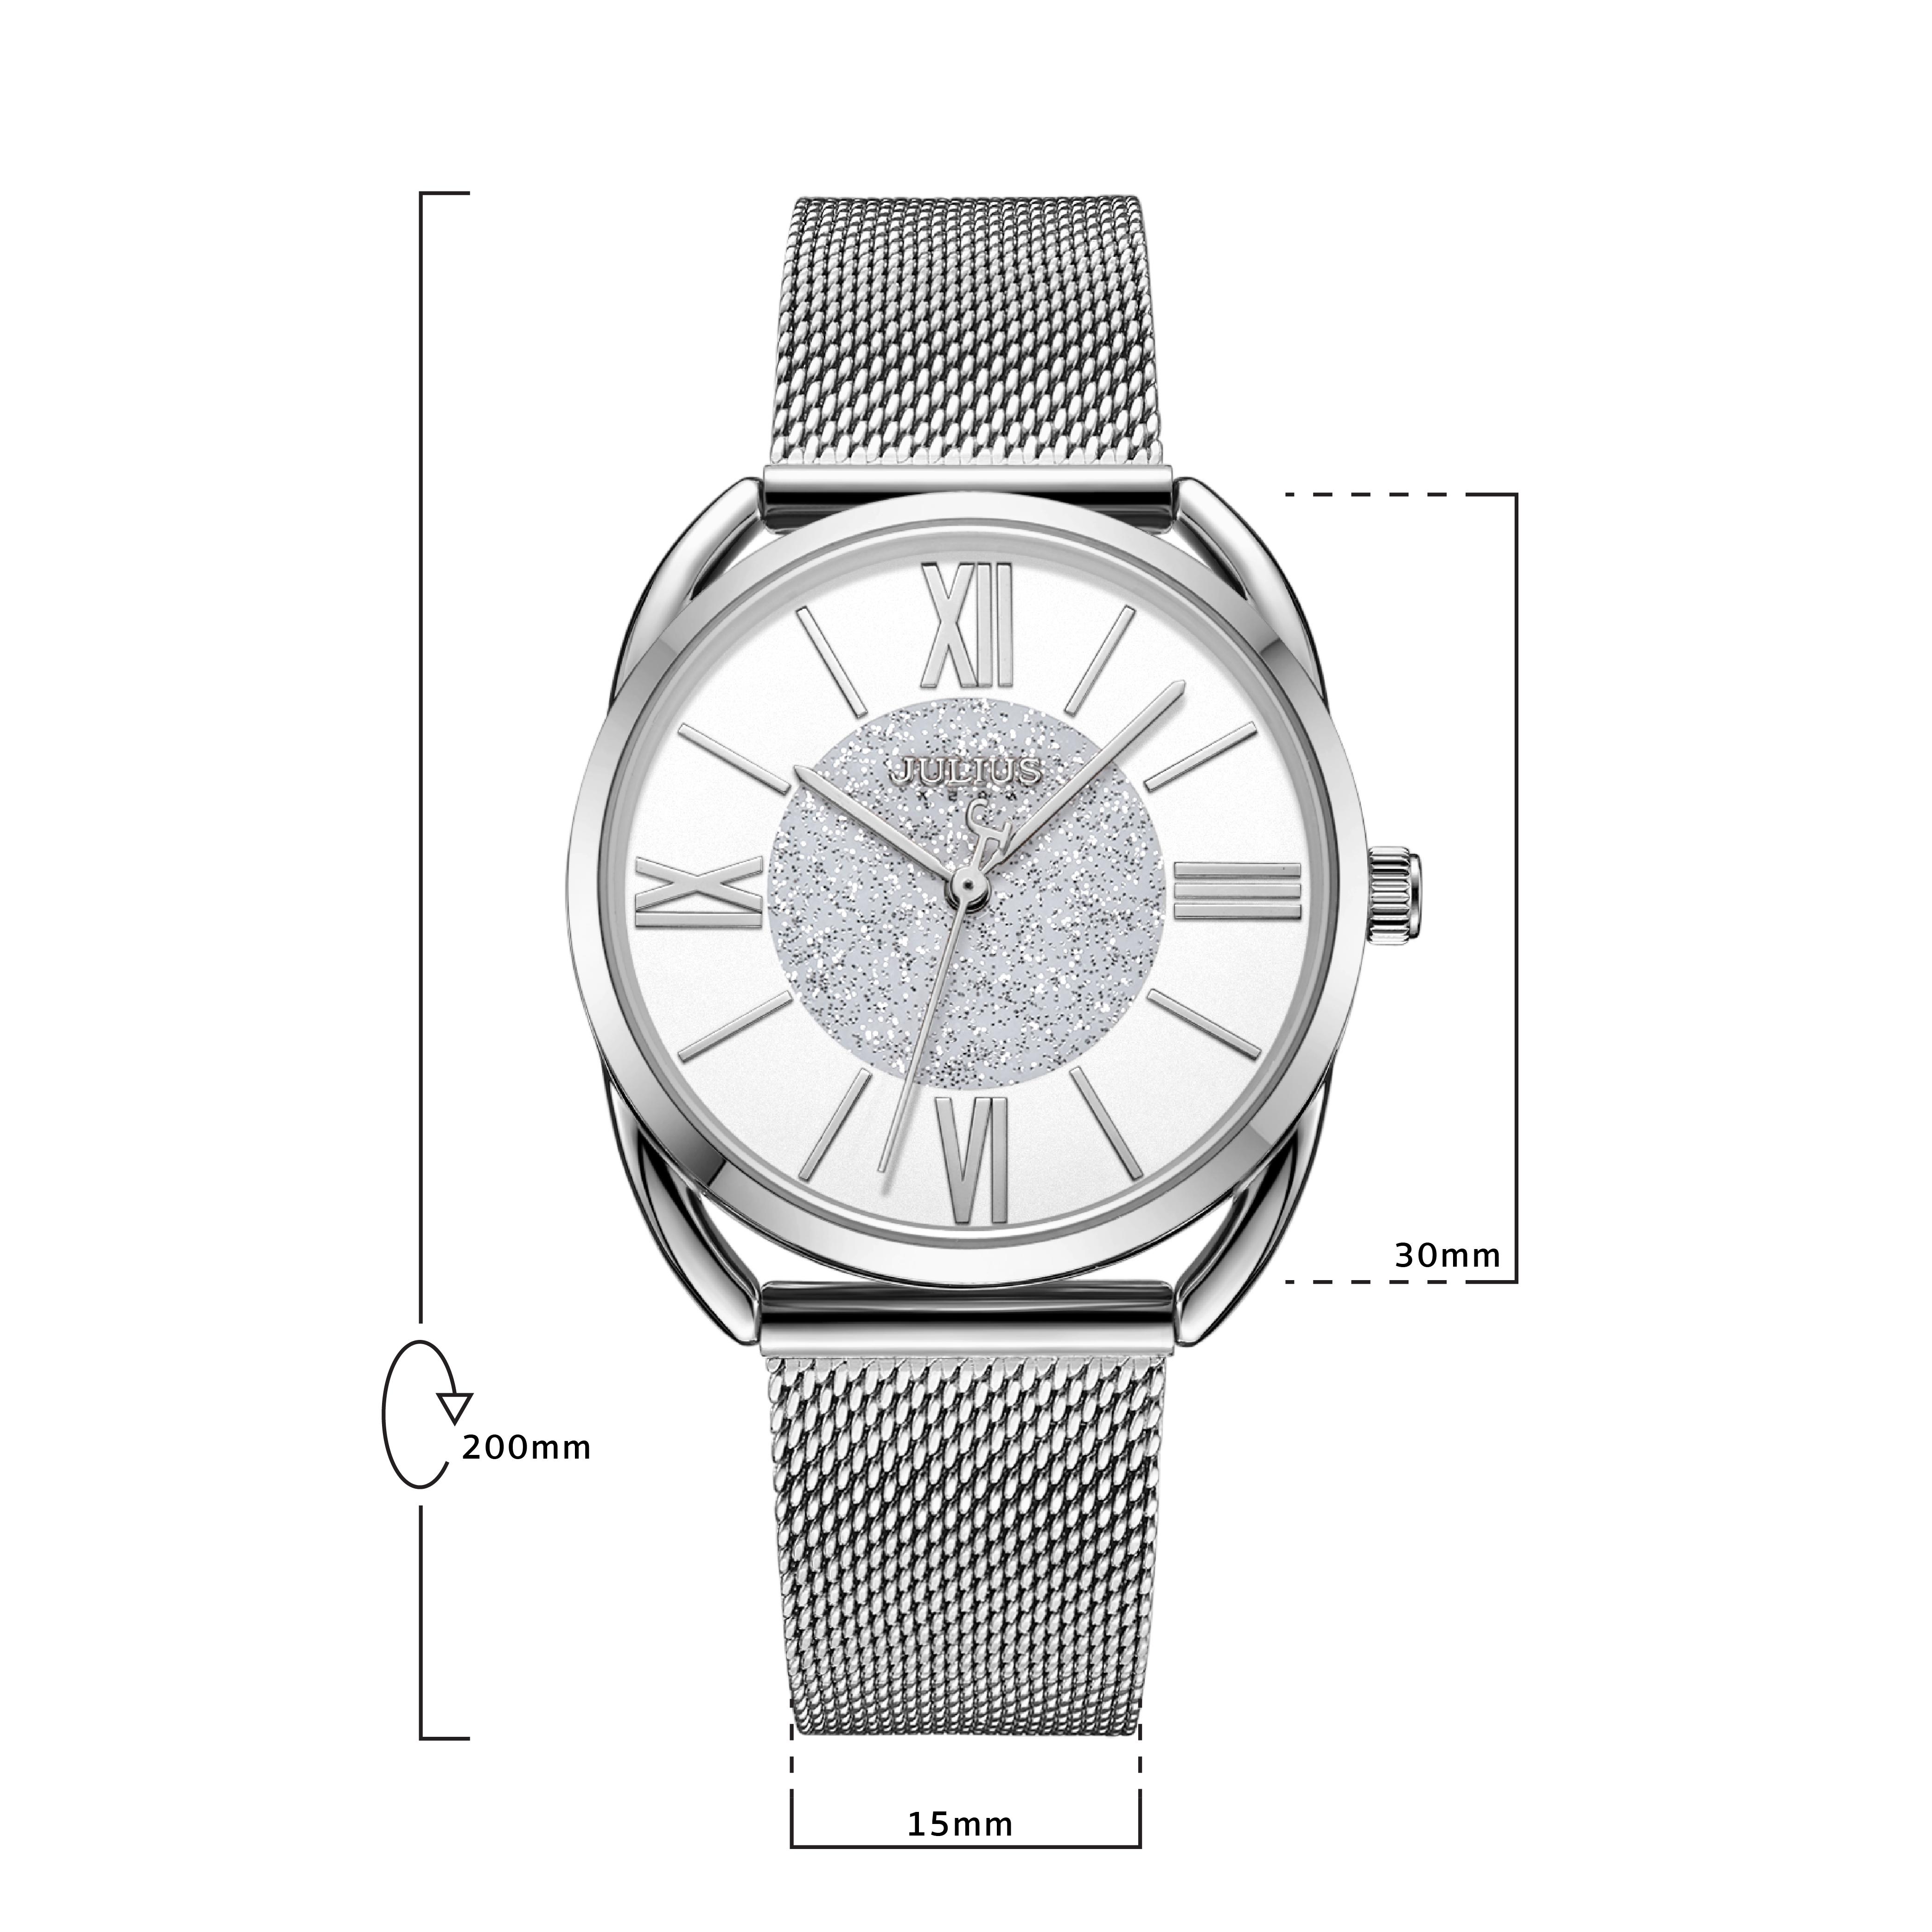 นาฬิกาข้อมือผู้หญิง JULIUS 1184A